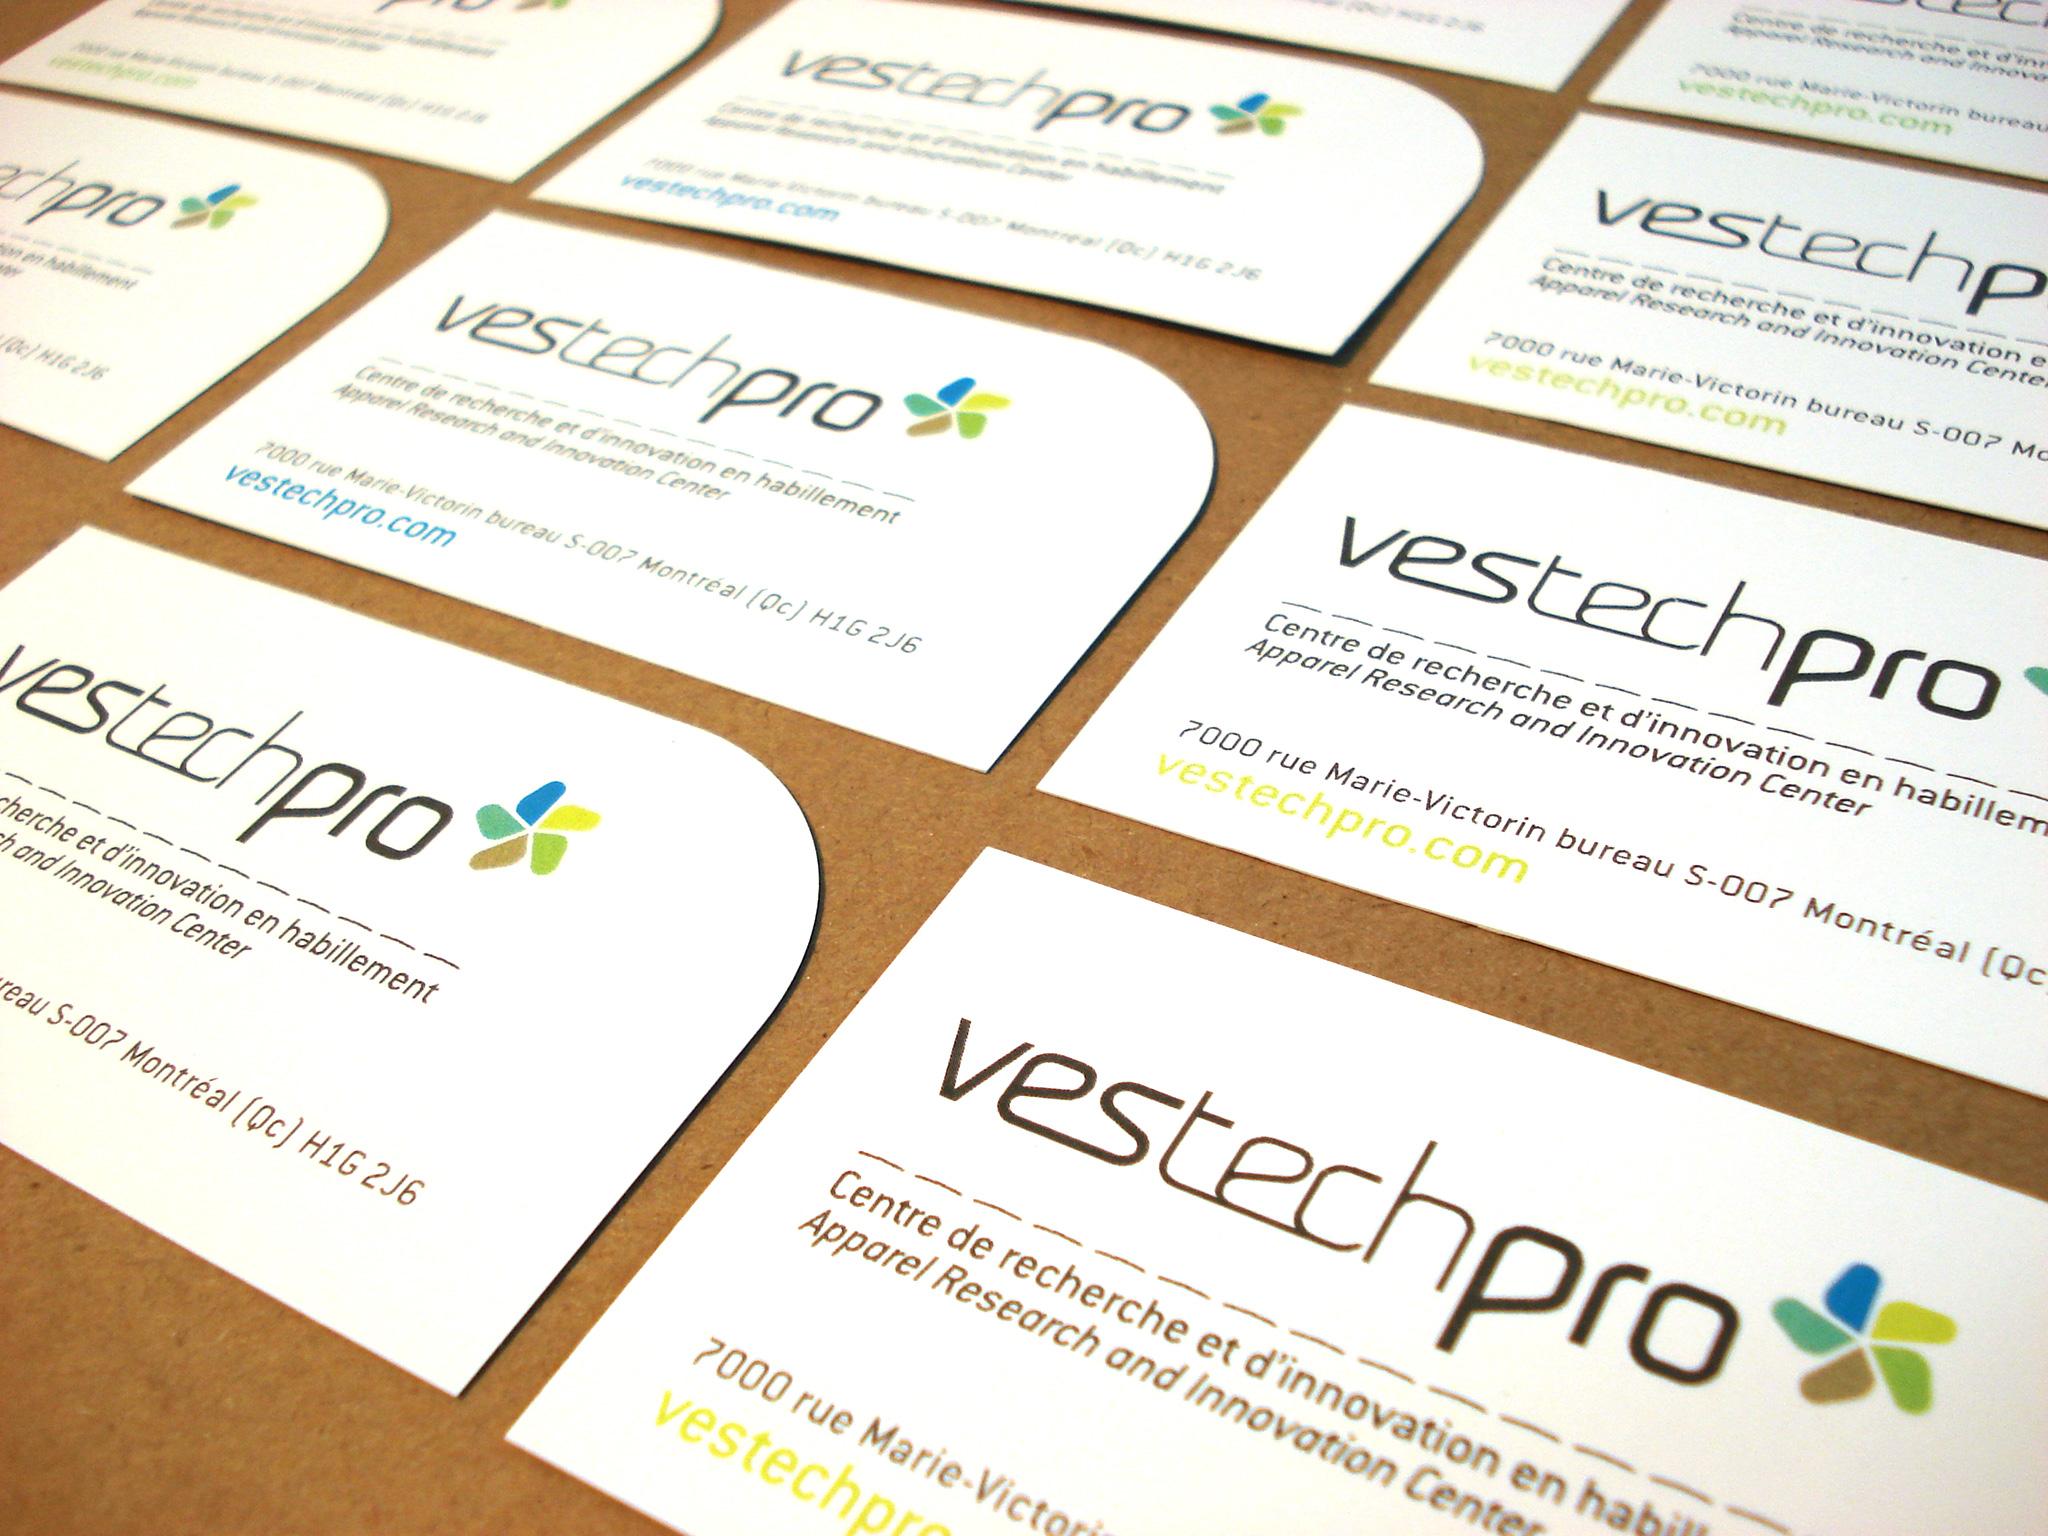 Logo et cartes d'affaires de Vestechpro.